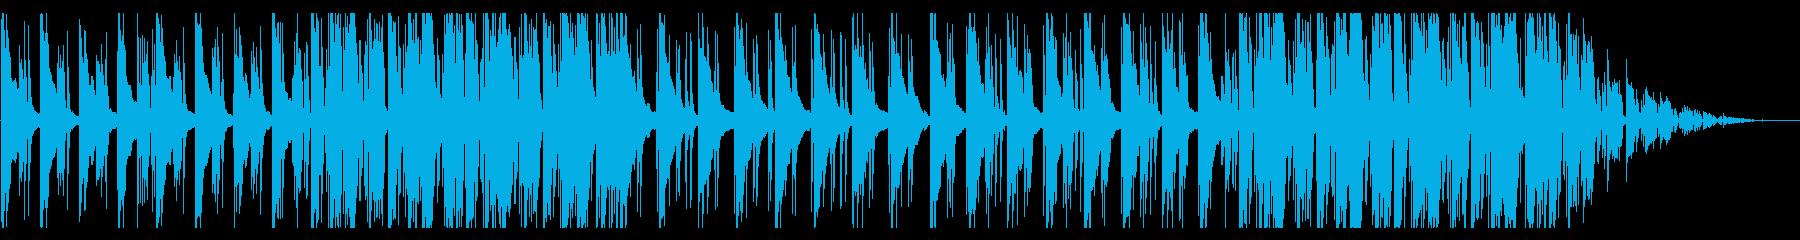 寂しげで深い雰囲気のBGMの再生済みの波形